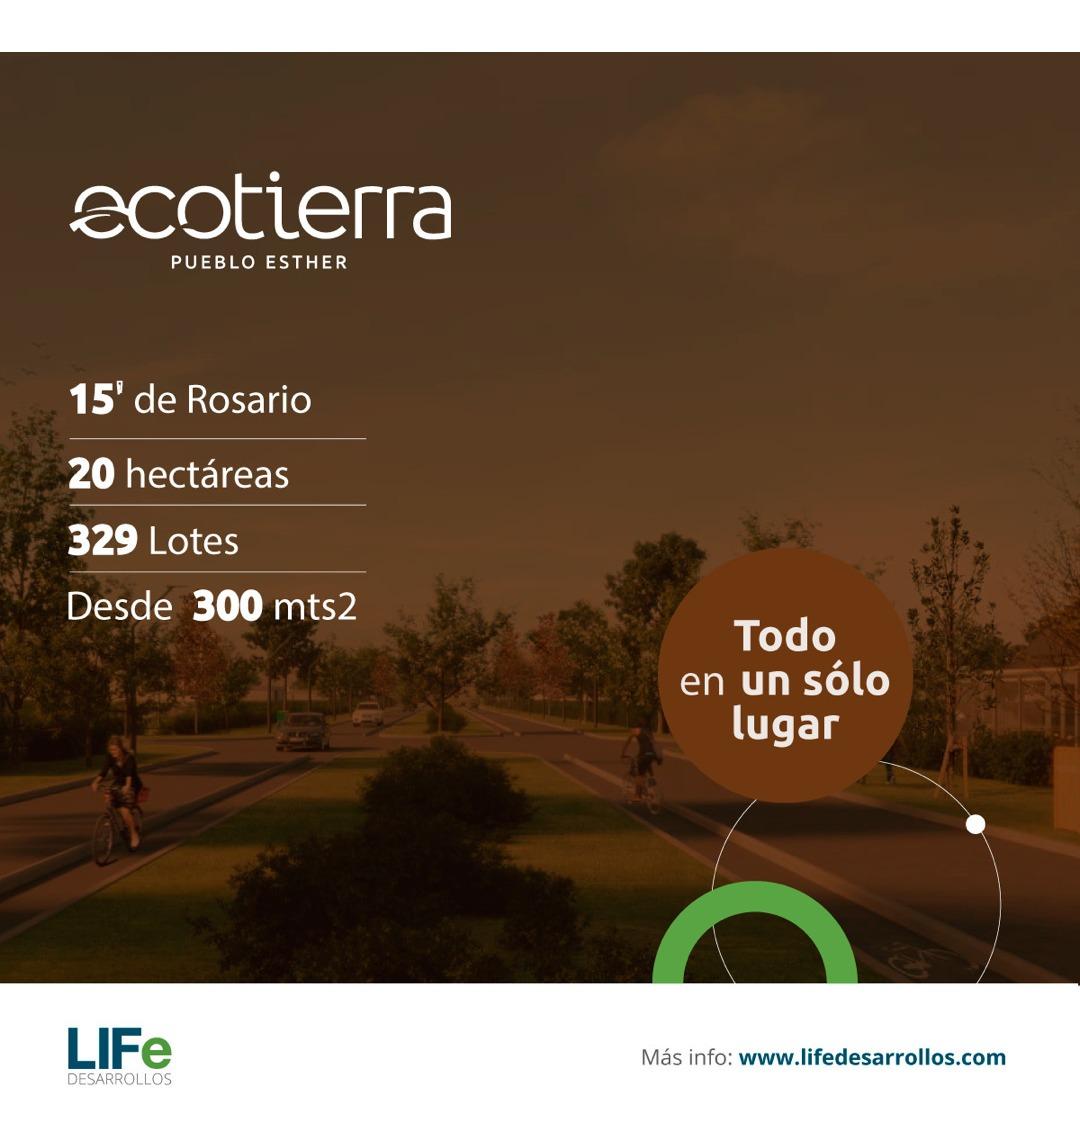 nuevo barrio abierto ecotierra. la mejor ubicacion de pueblo esther. precios de preventa.